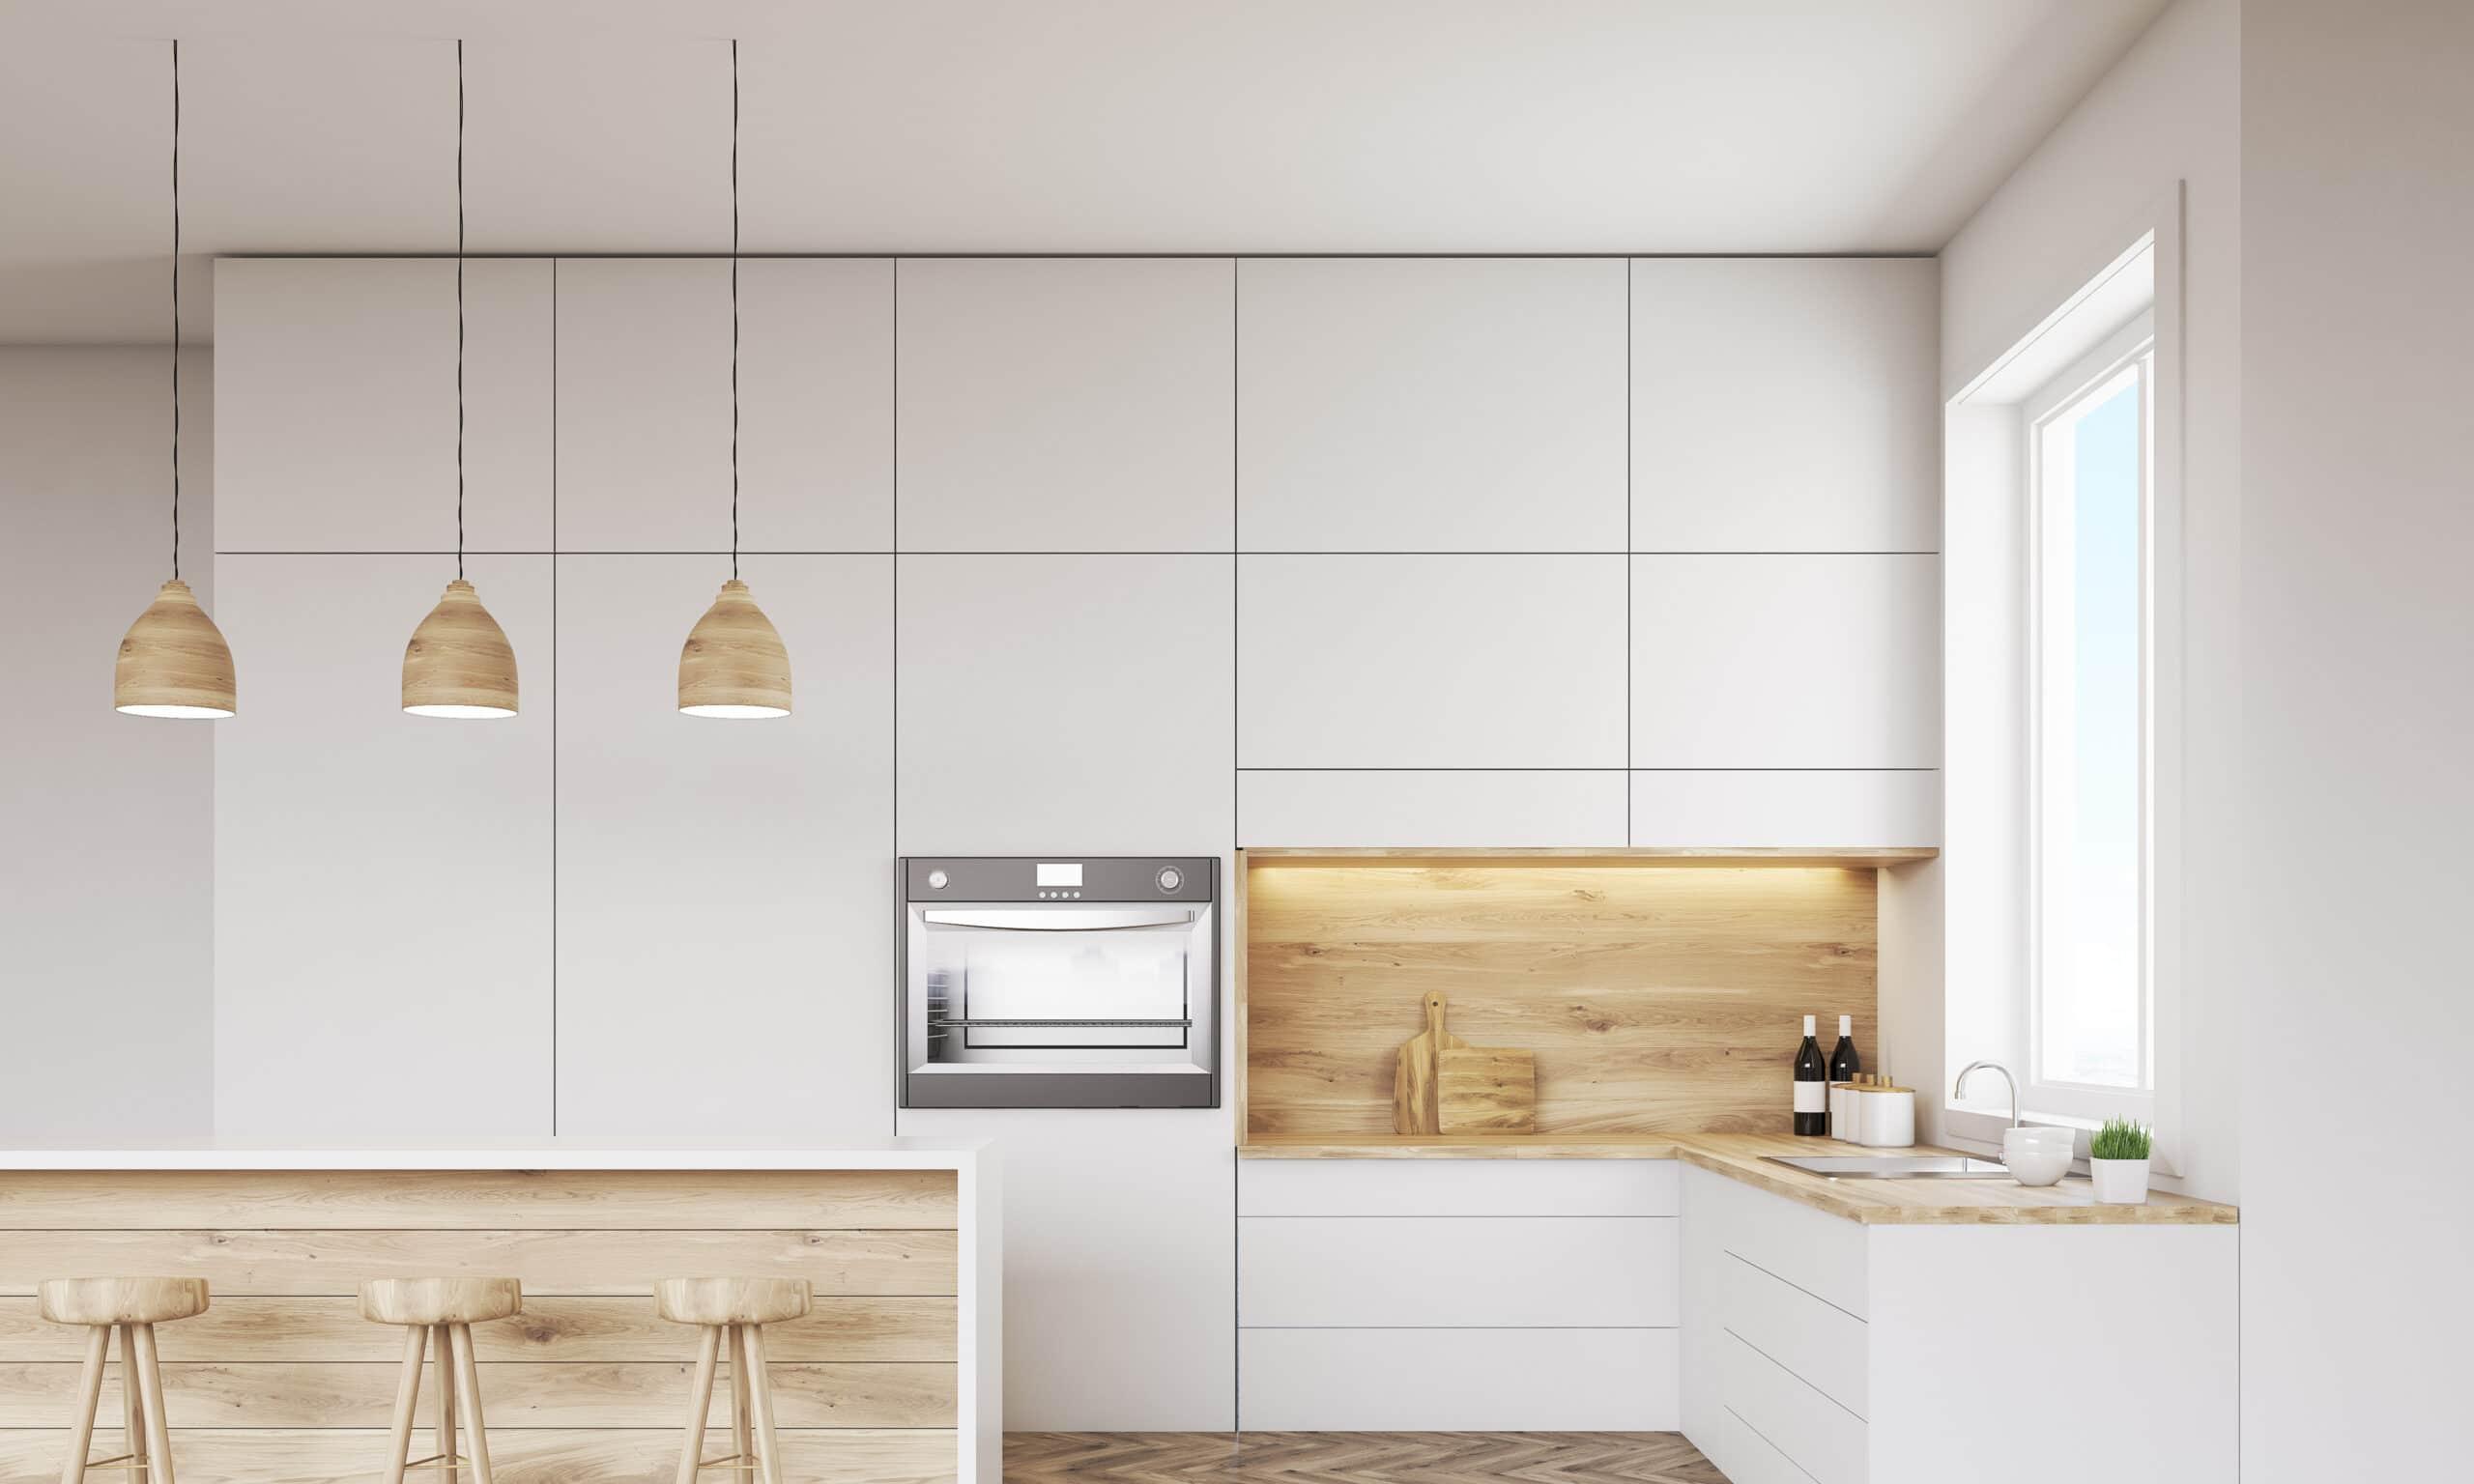 מטבח מודרני לבן עם ציפוי דמוי עץ עדין דגם 15 DS